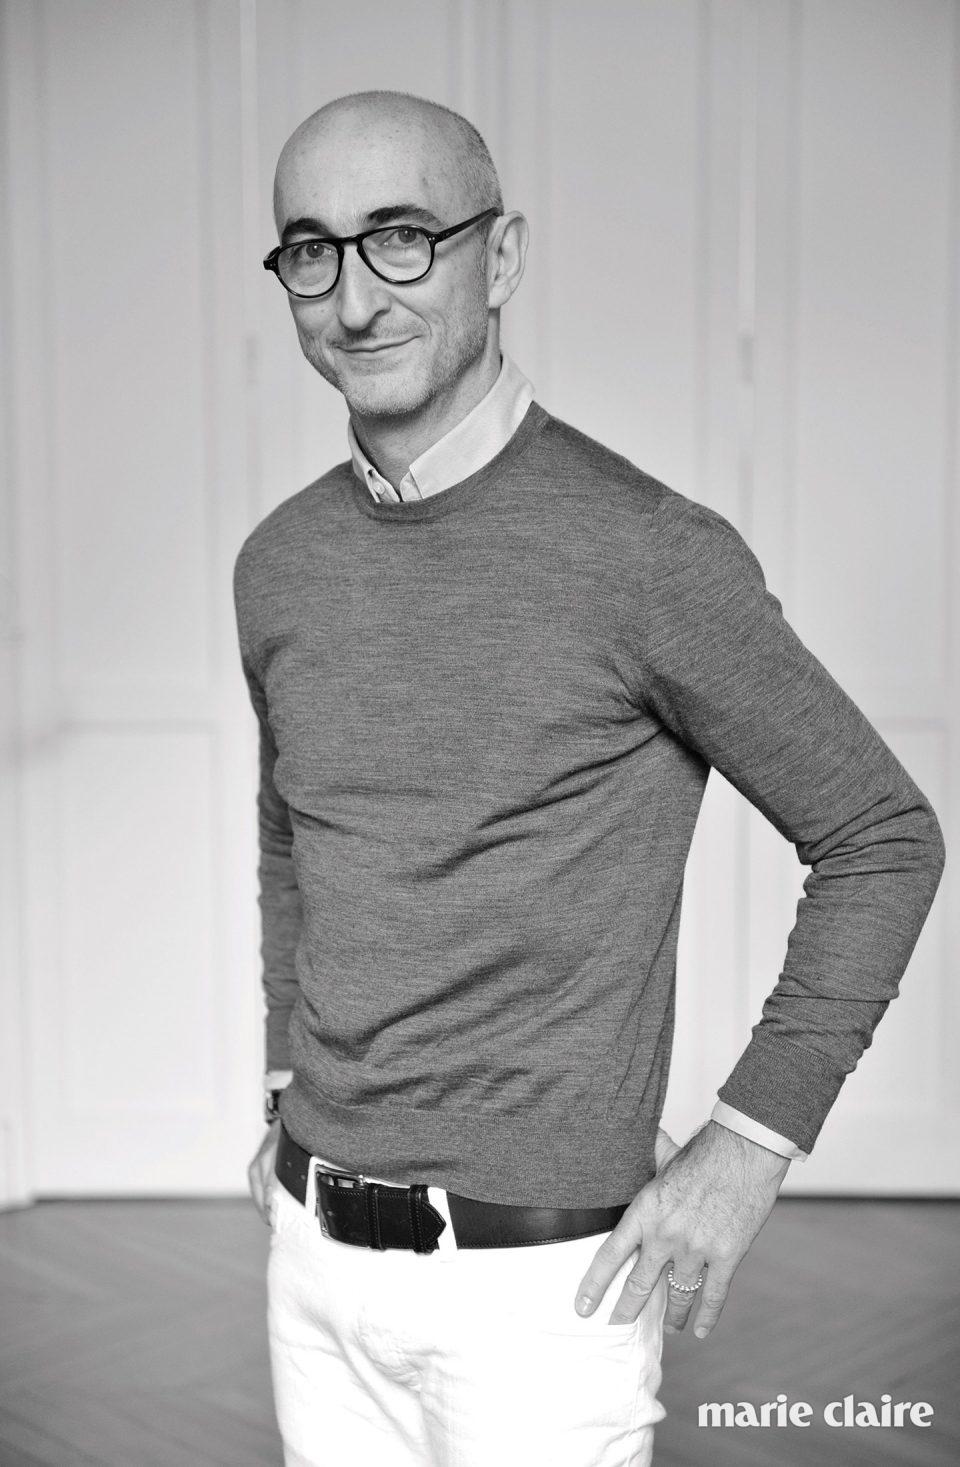 피에르 아르디의 올곧은 미학, 에르메스 슈즈, 피에르 아르디 - 마리끌레르 2016년